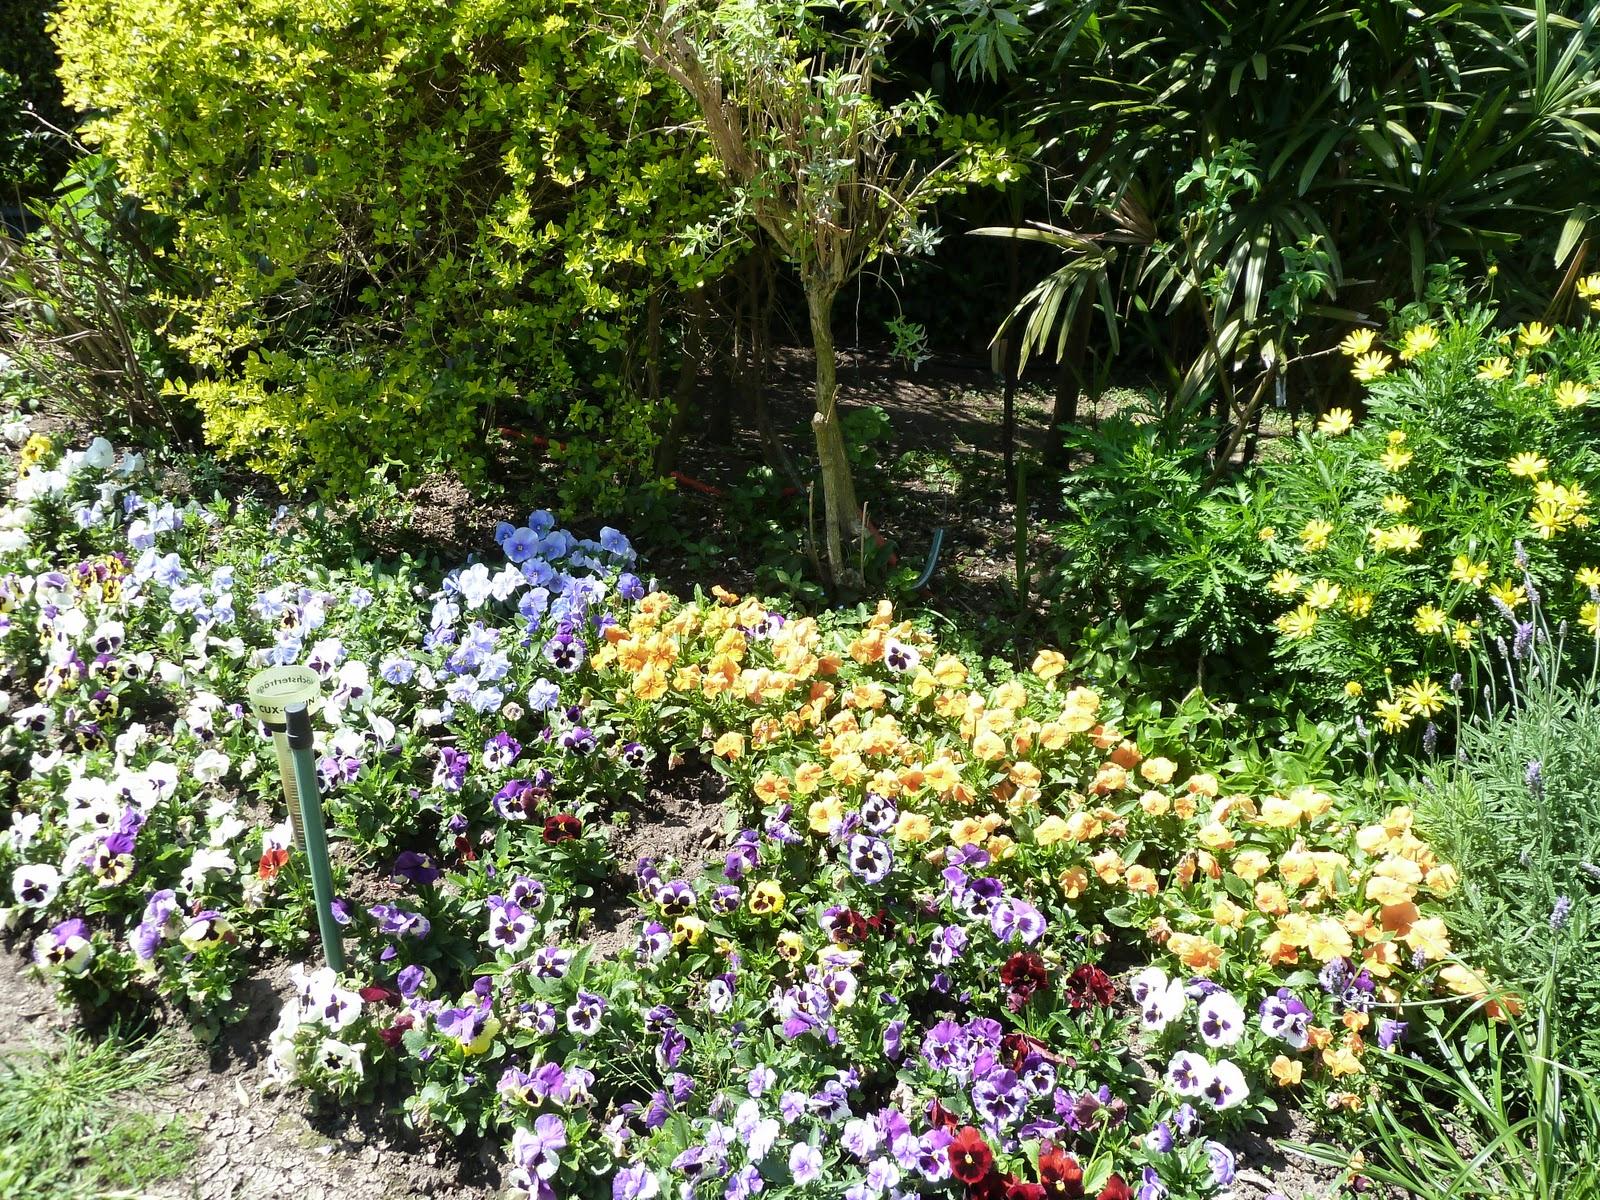 Los invito a pasear por mi jard n arriate cantero - Arriate jardin ...